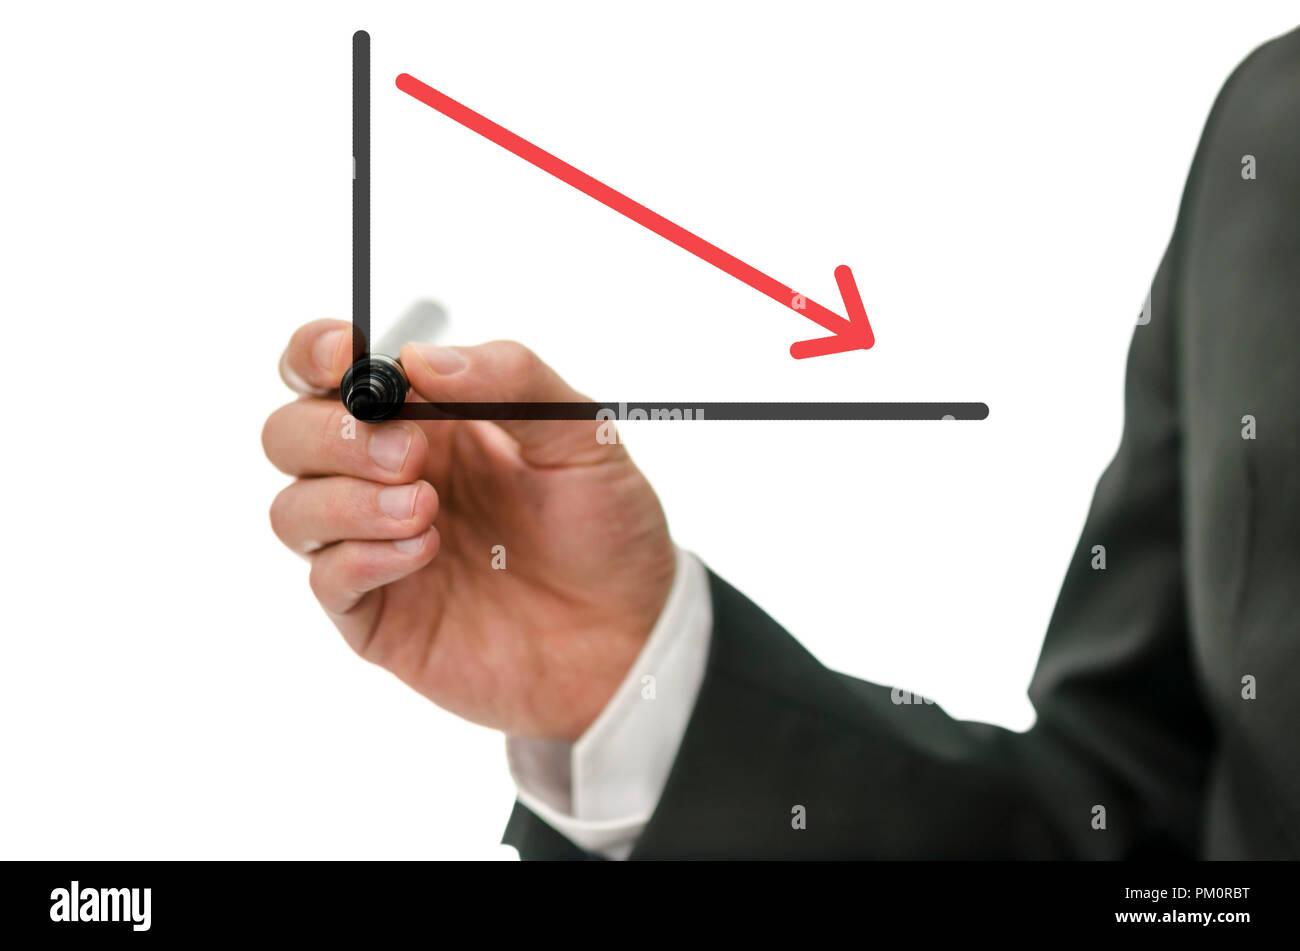 Uomo di affari la caduta di disegno grafico con freccia rossa. Immagini Stock